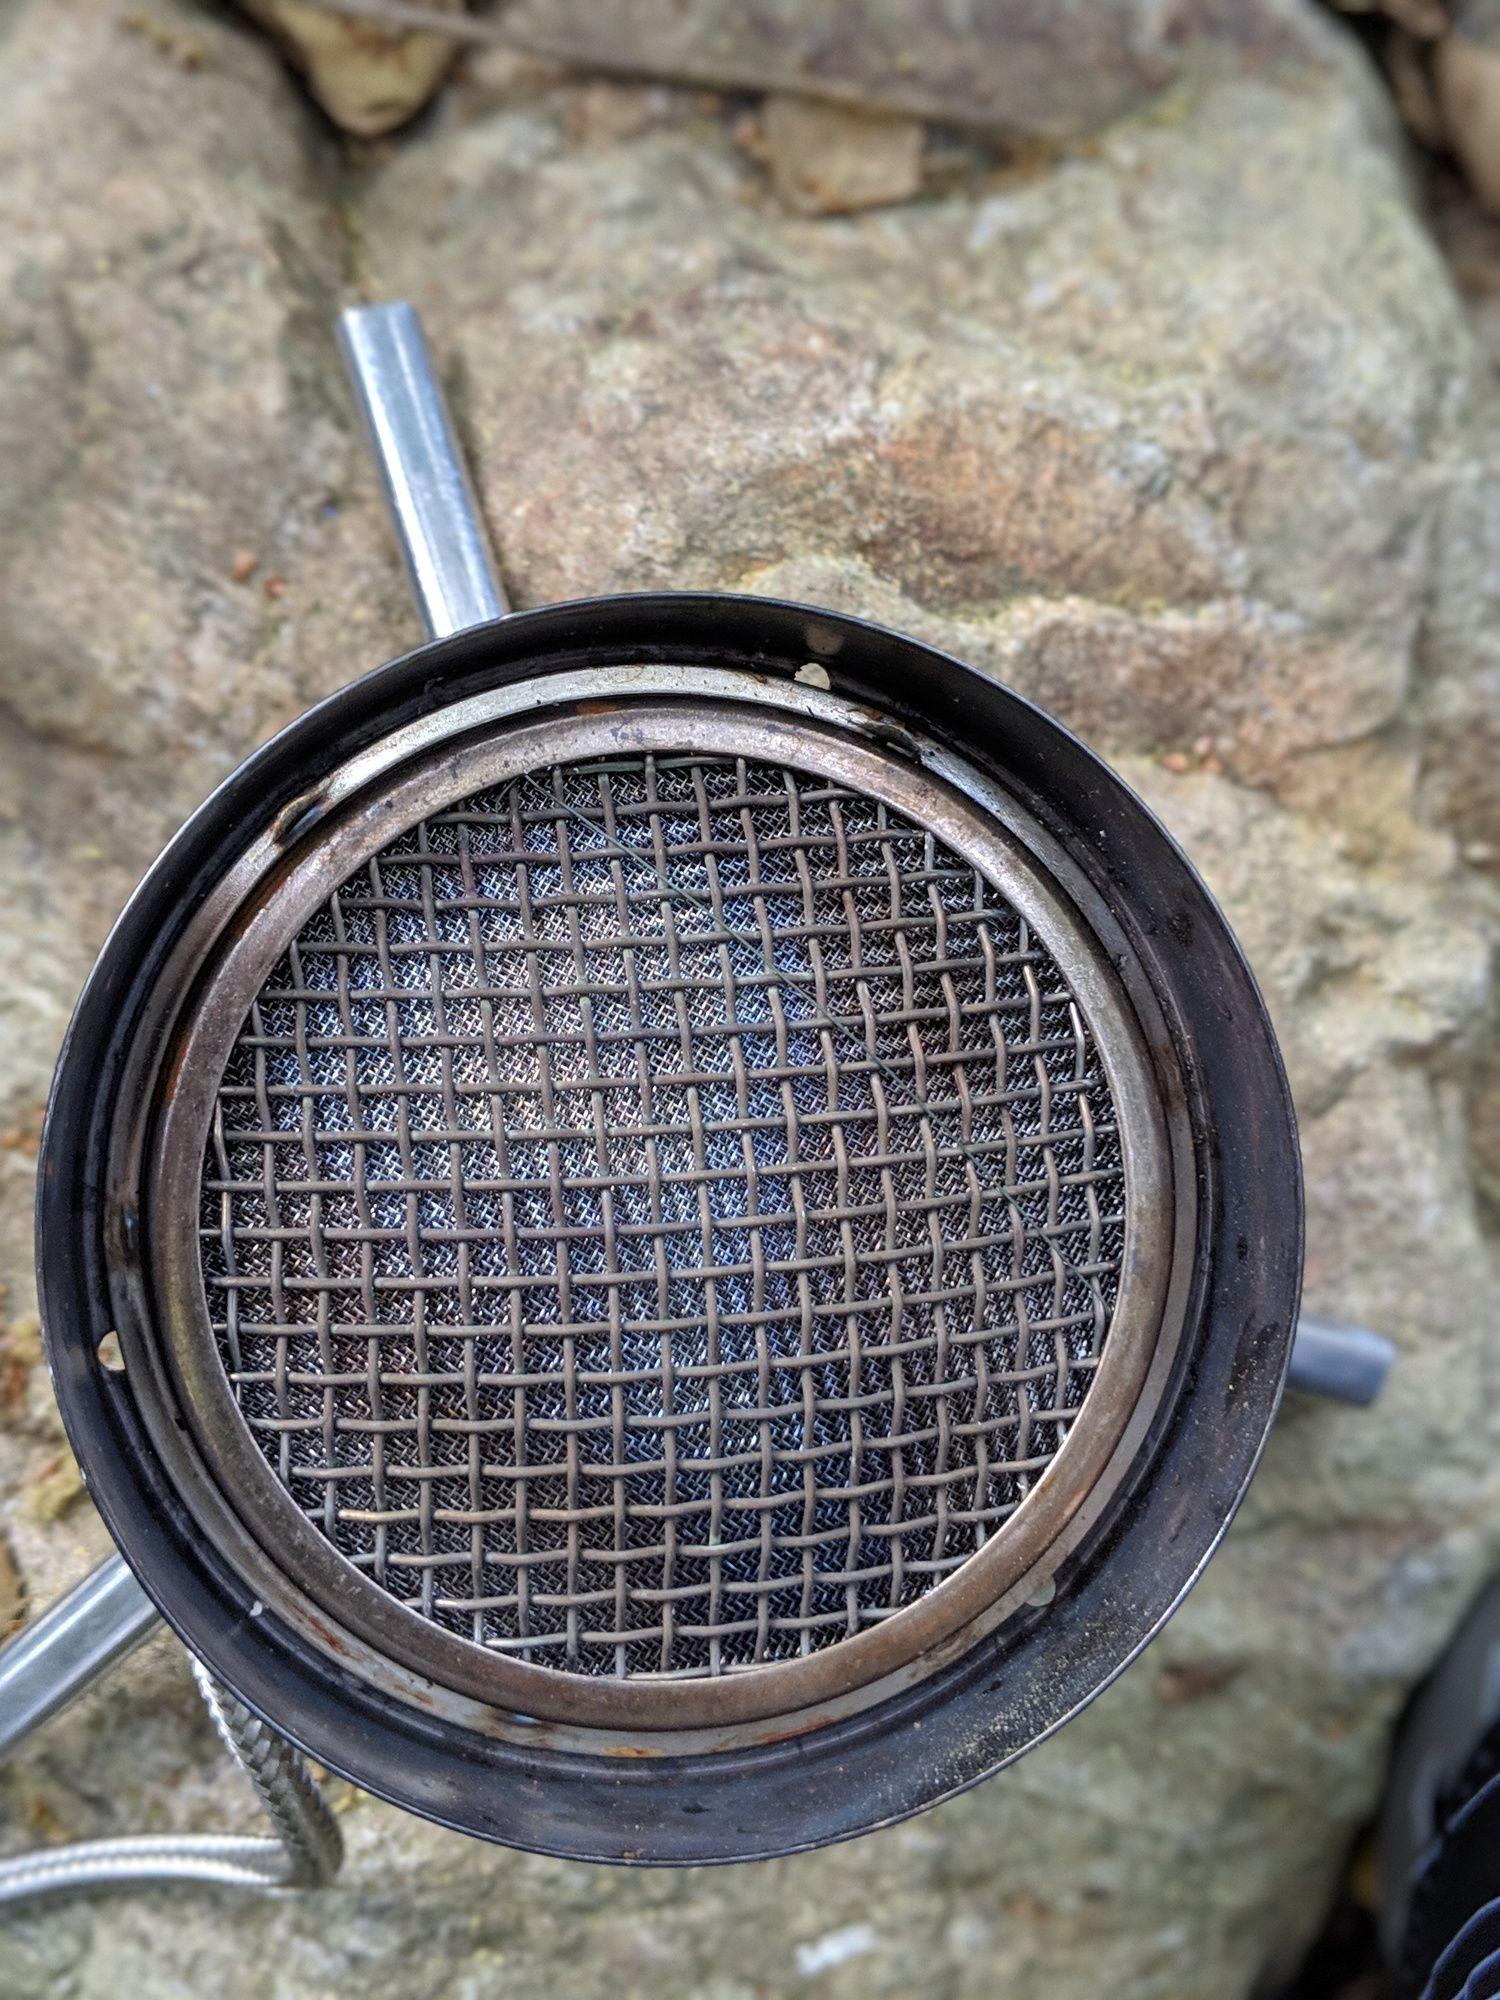 Close-up of the robust burner on the WindBurner.   Photo courtesy Liz Thomas.